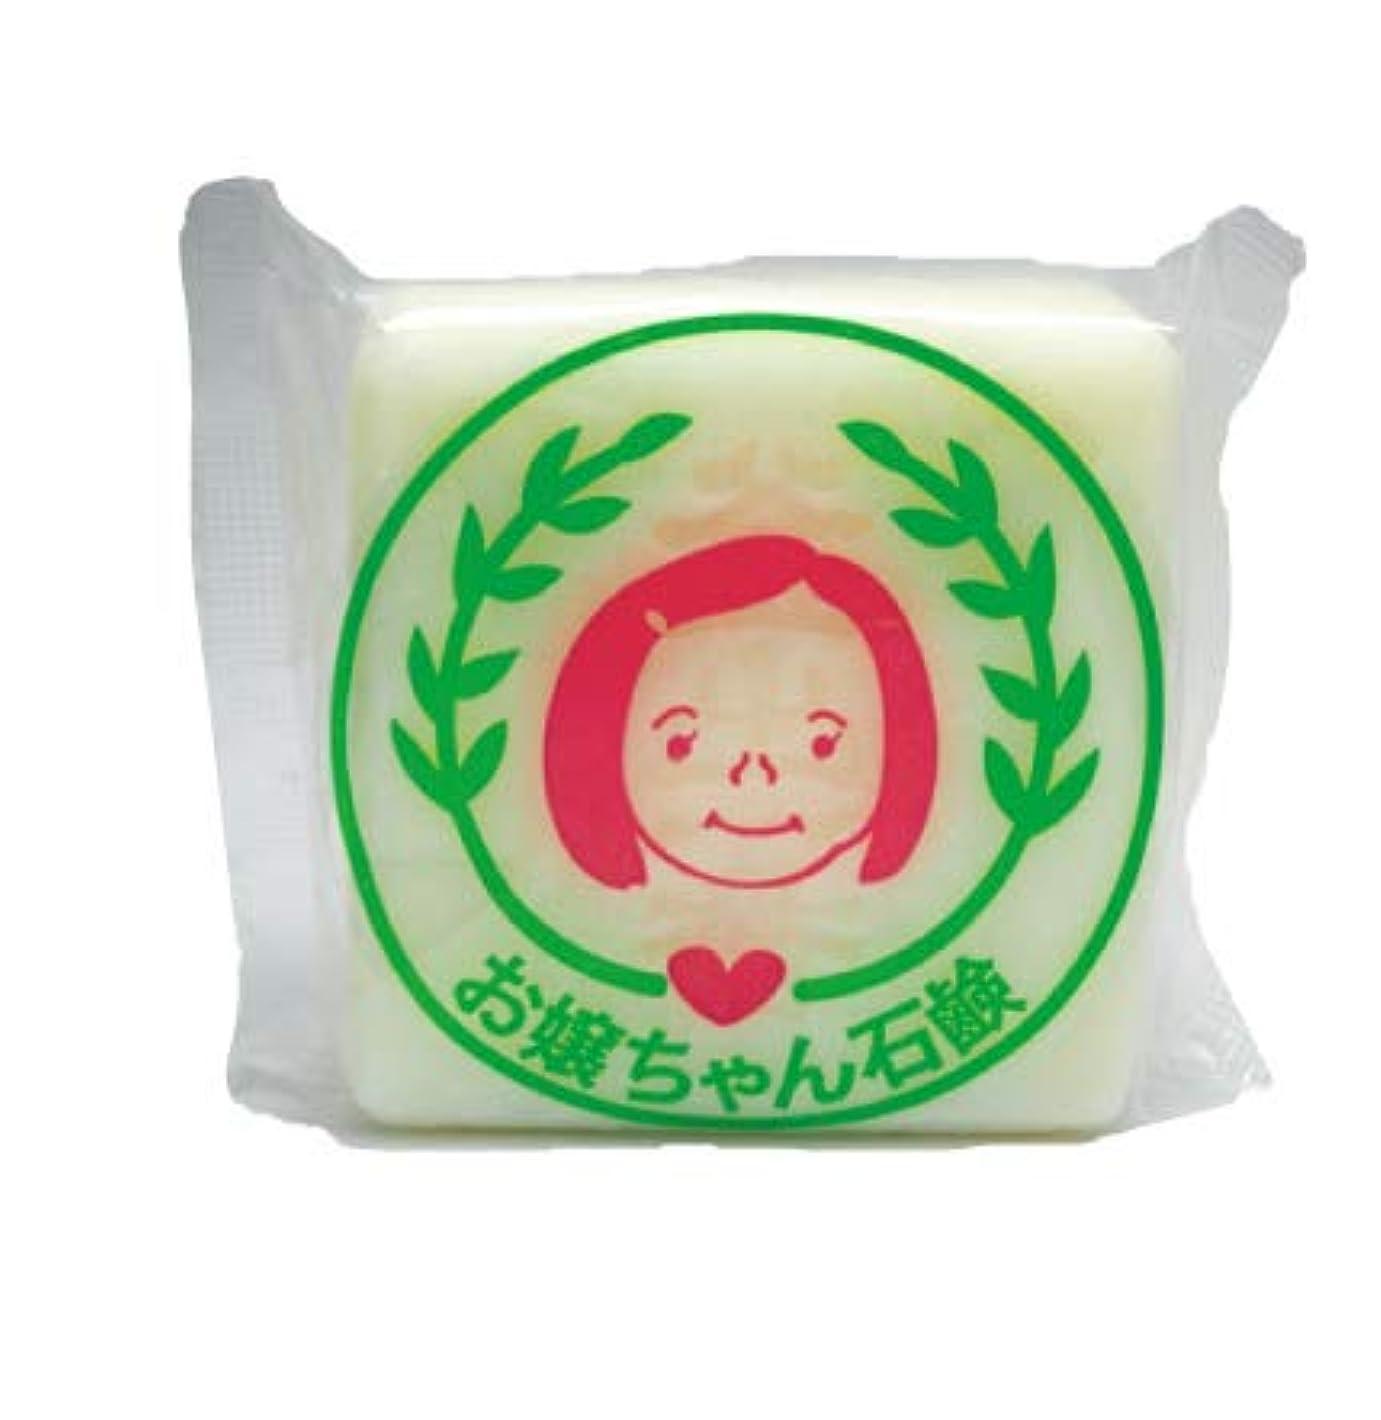 経験名門墓地新しいお嬢ちゃん石鹸(100g)